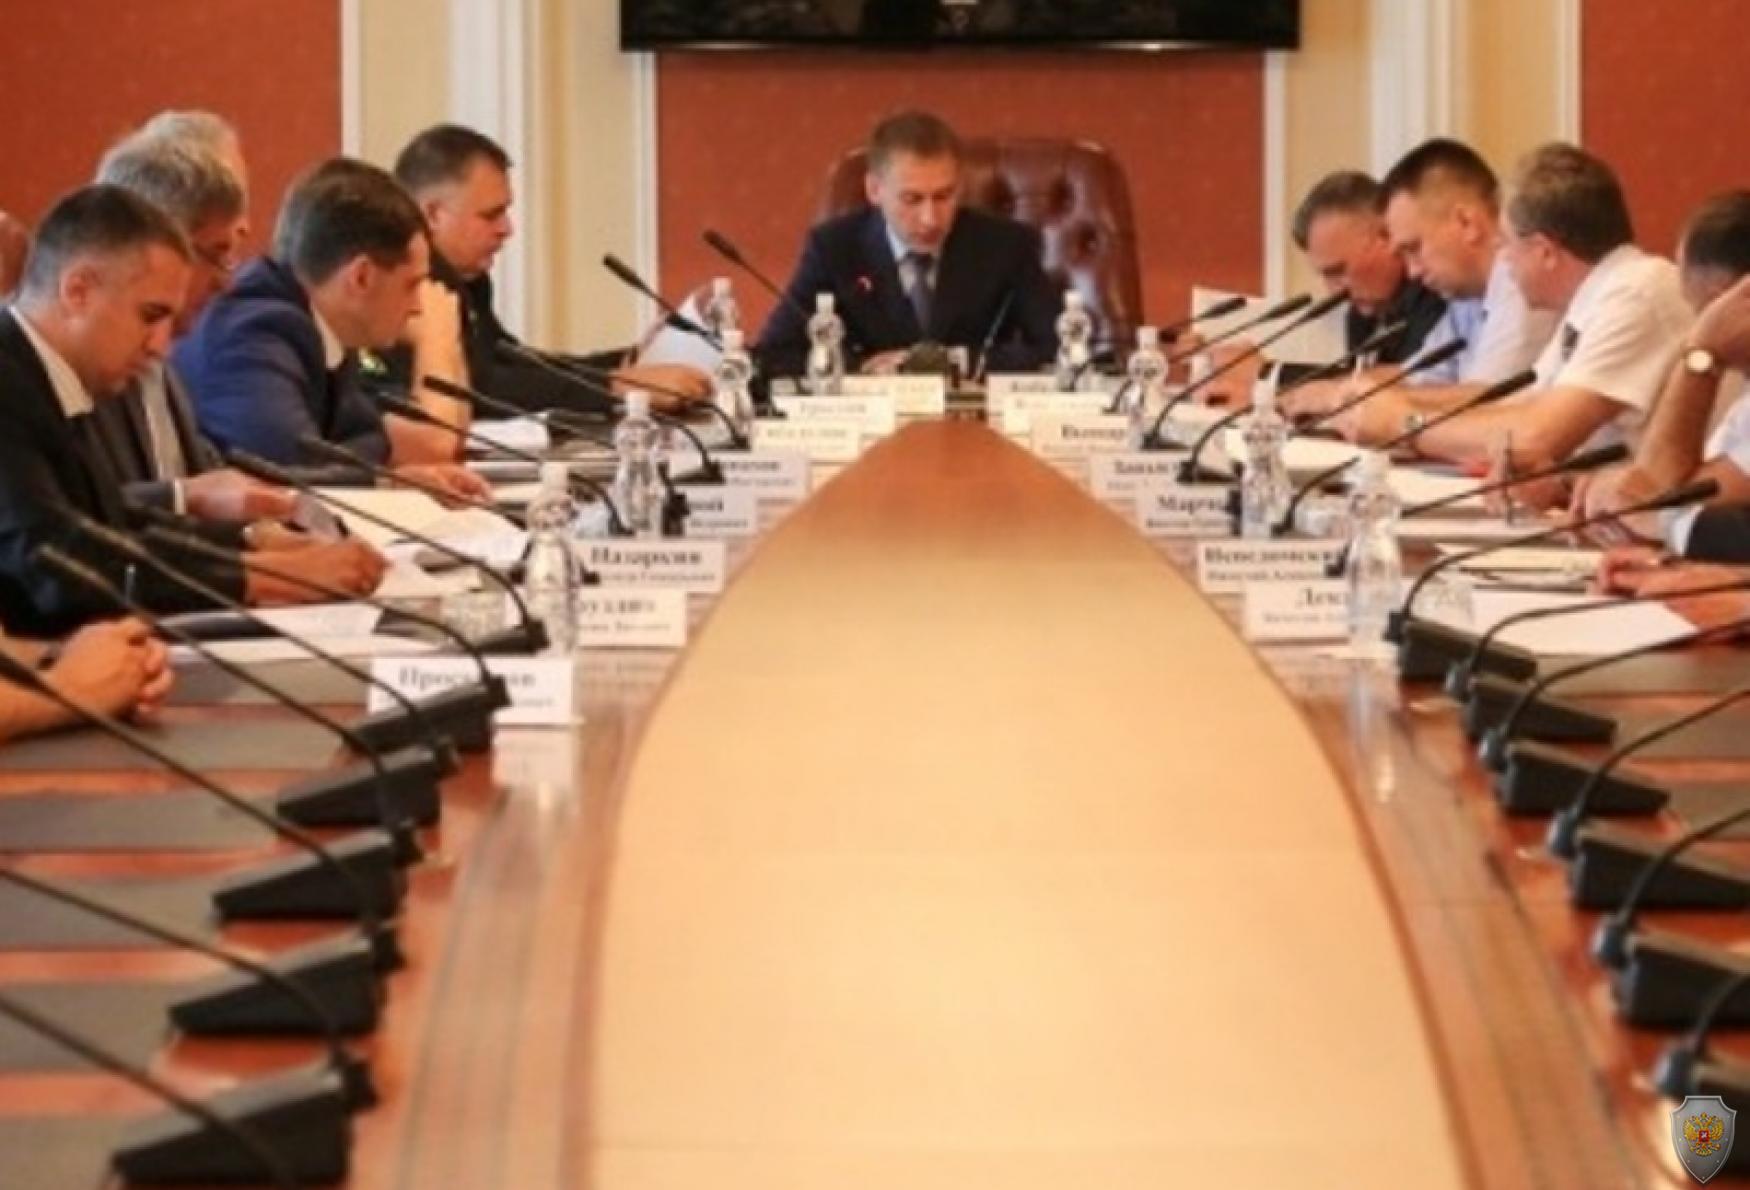 Безопасность при подготовке к выборам в Приамурье обсудили на антитеррористической комиссии